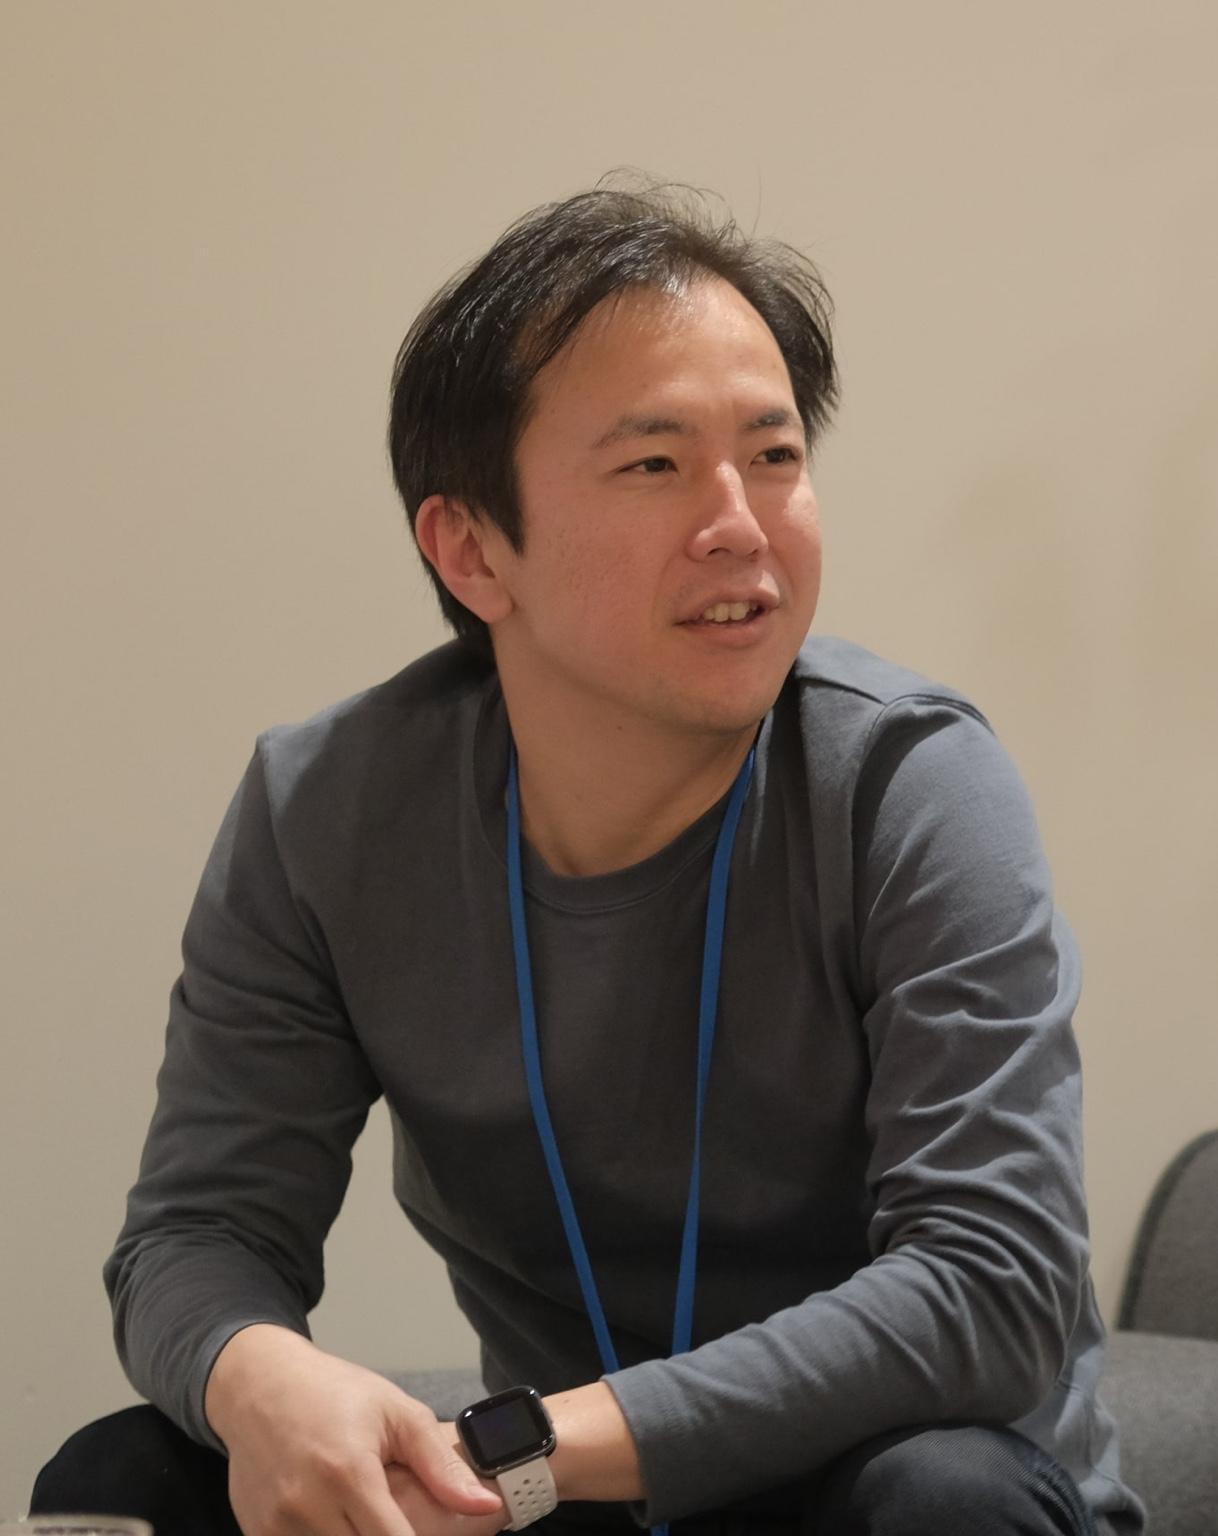 株式会社クラビス CTO 横井 朗